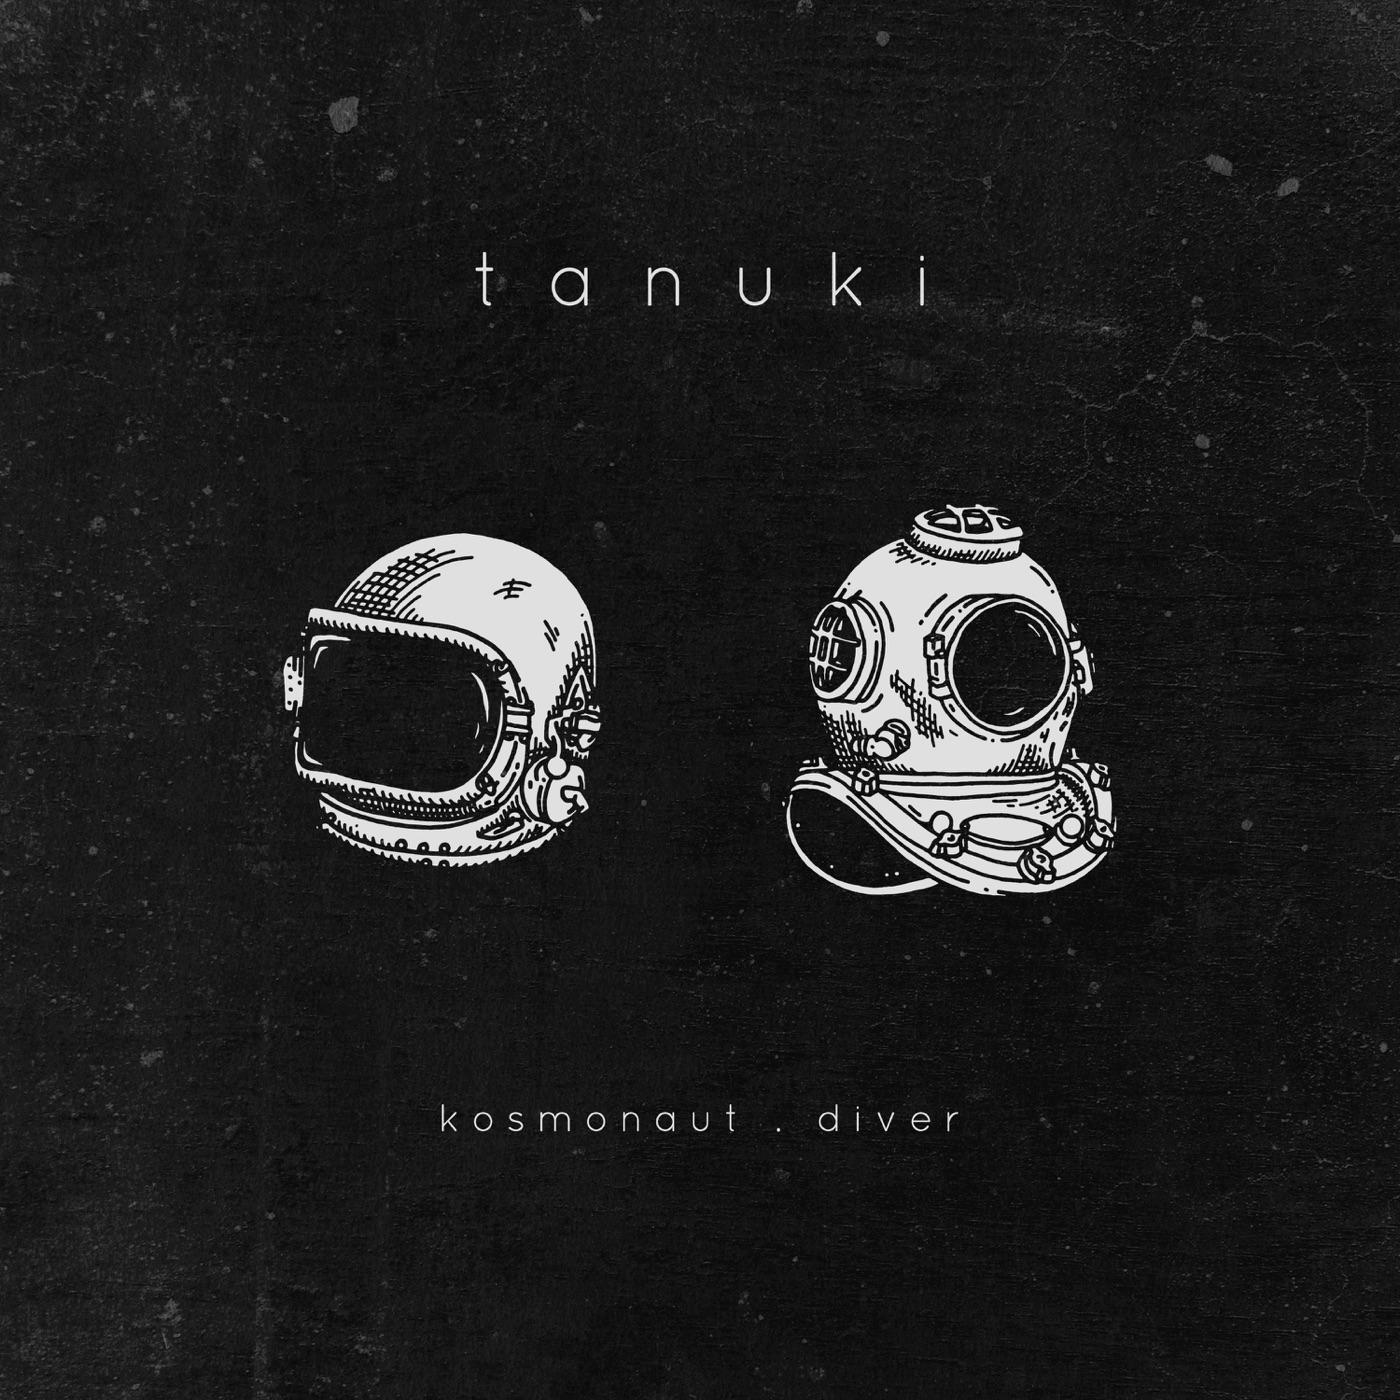 Tanuki - Kosmonaut / Diver [Maxi-Single] (2018)